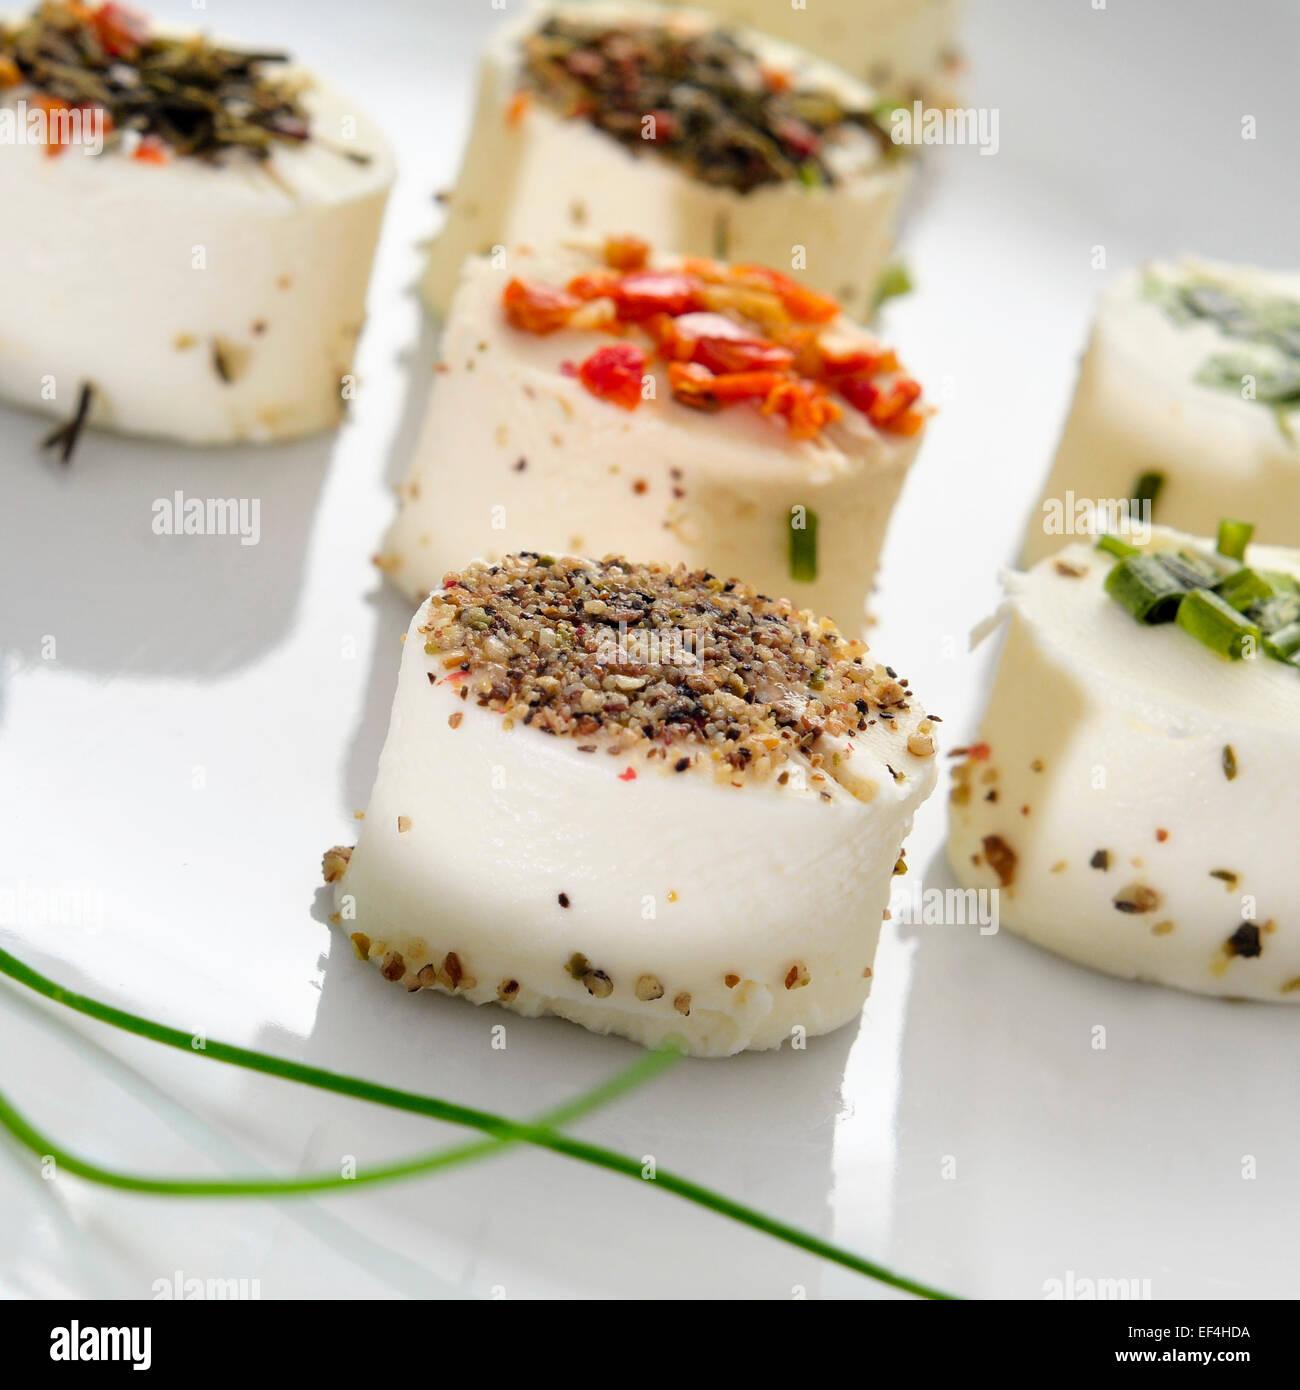 eine Platte mit einigen verschiedenen Käse-Häppchen garniert mit verschiedenen Gewürzen Stockbild